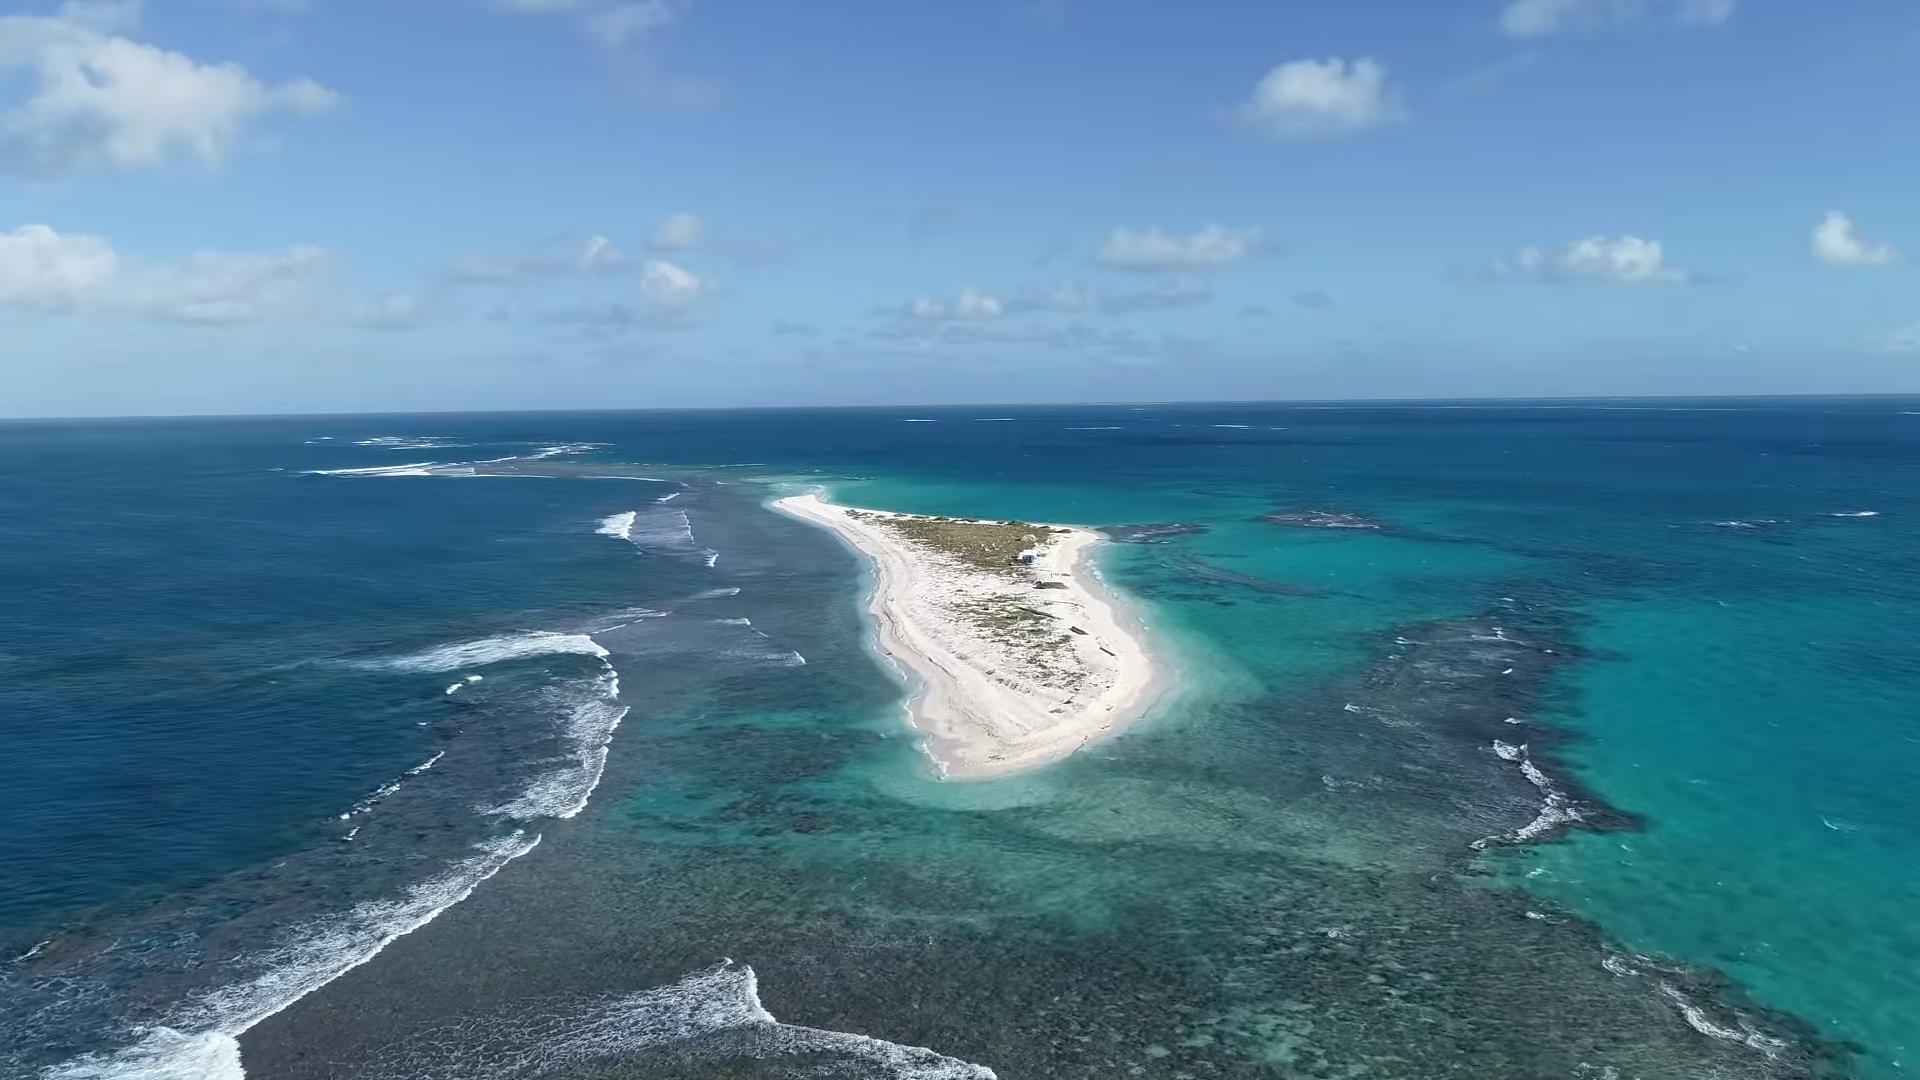 Гавайский остров исчез после урагана